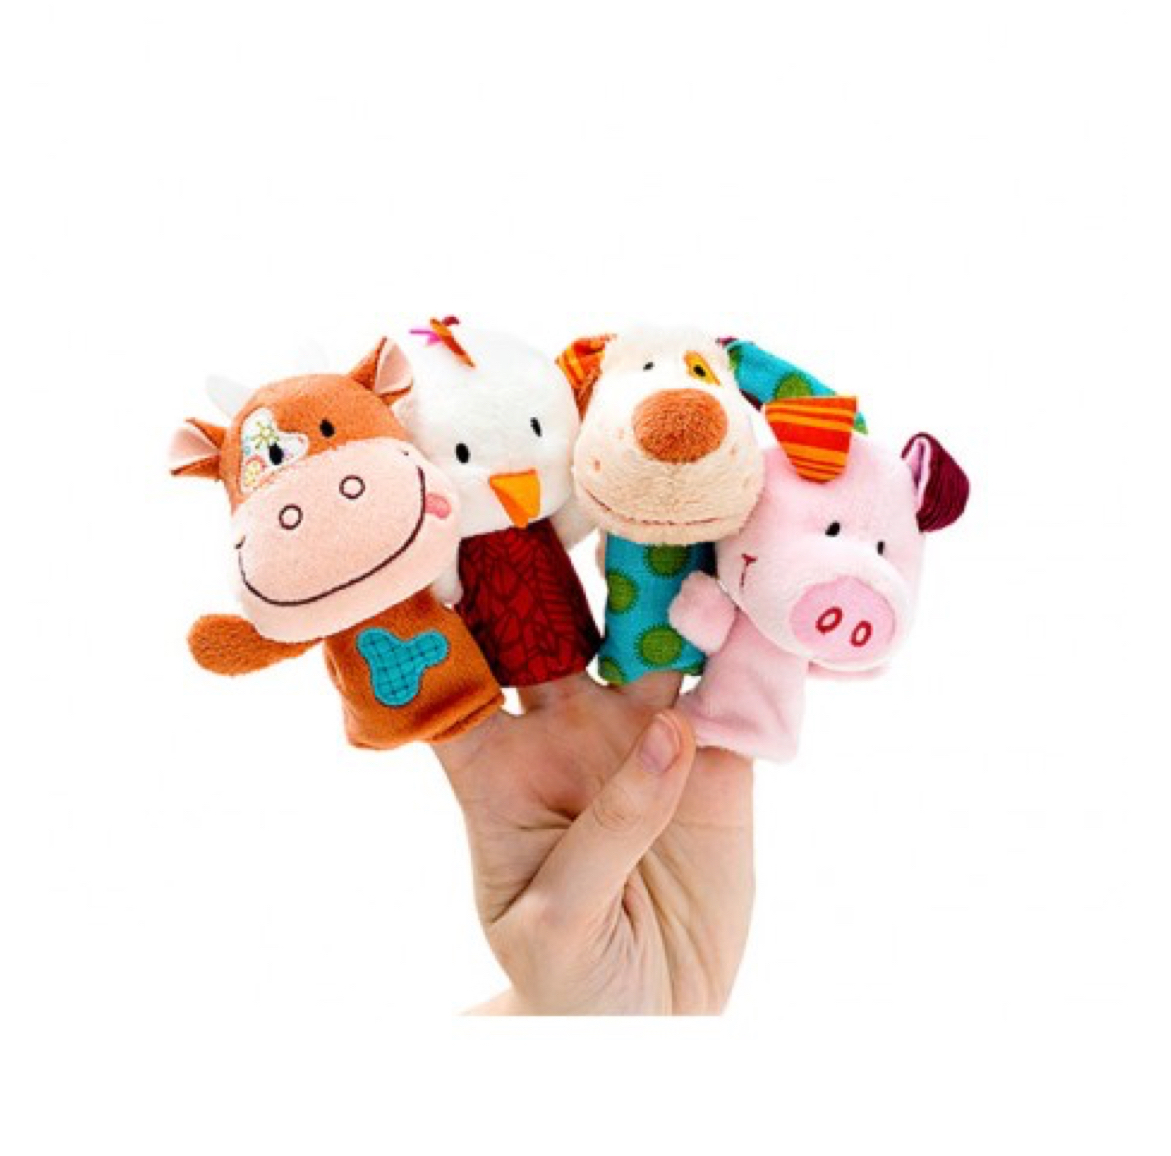 marionetas-de-dedo-la-granja-lilliputiens-en-el-mundo-de-mico-2